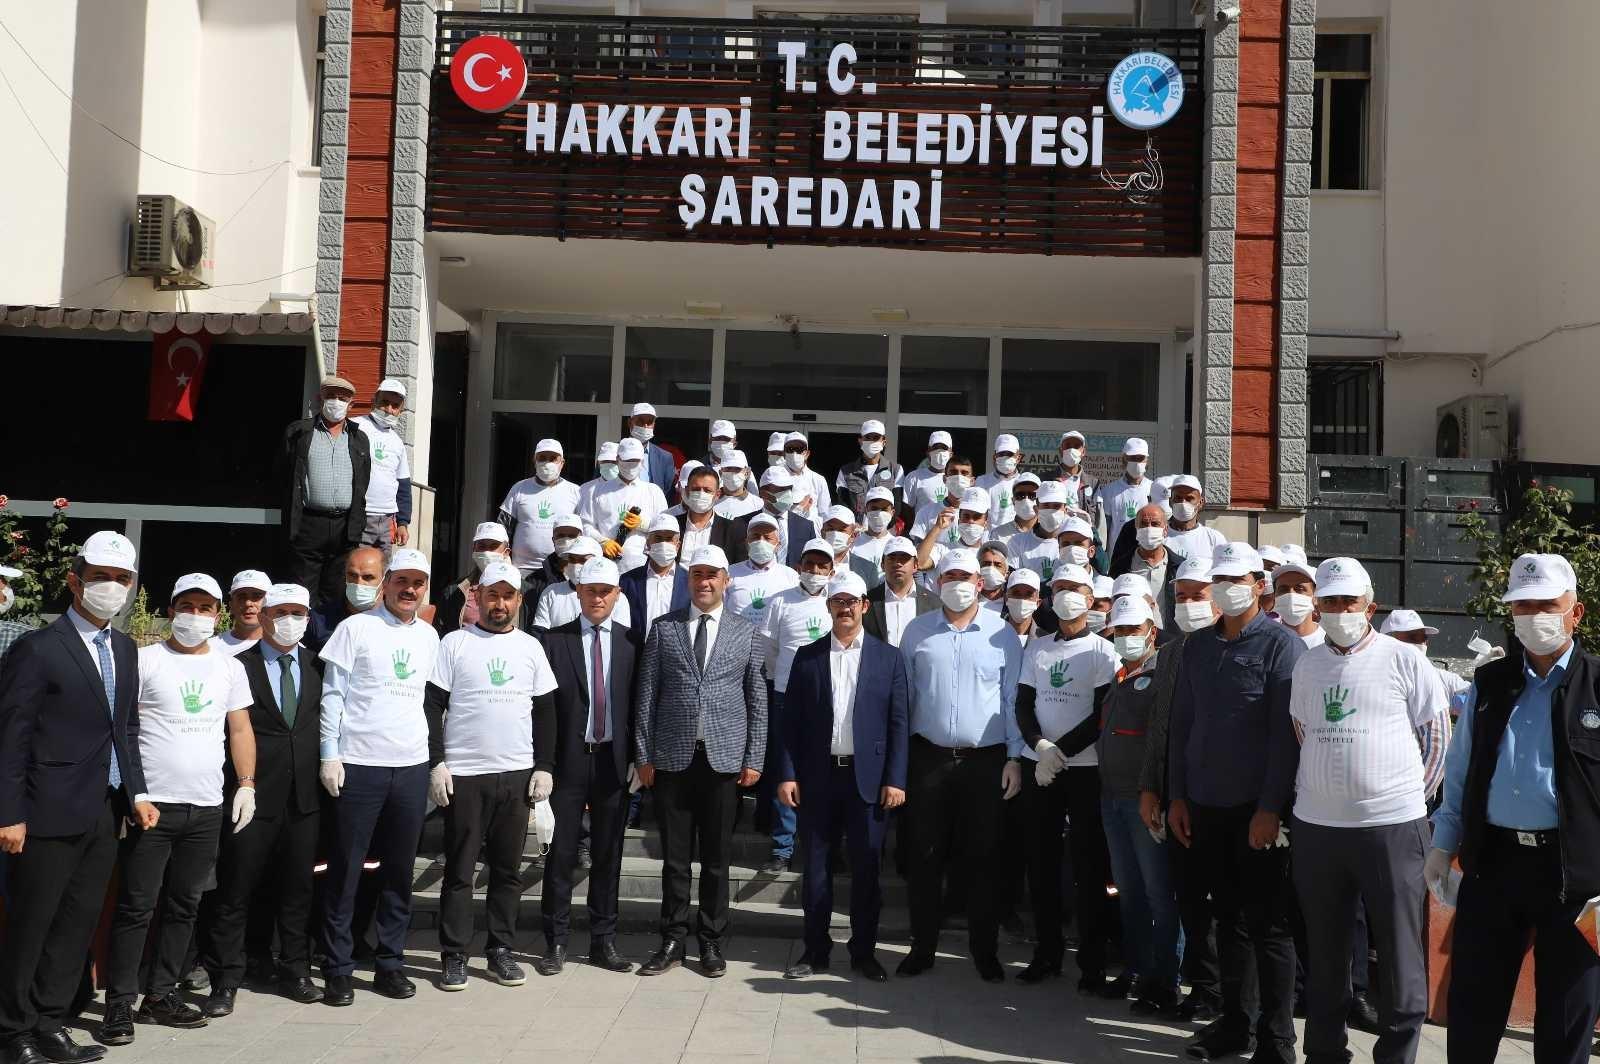 """Hakkari'de """"Hayat Var"""" sloganıyla temizlik kampanyası #hakkari"""